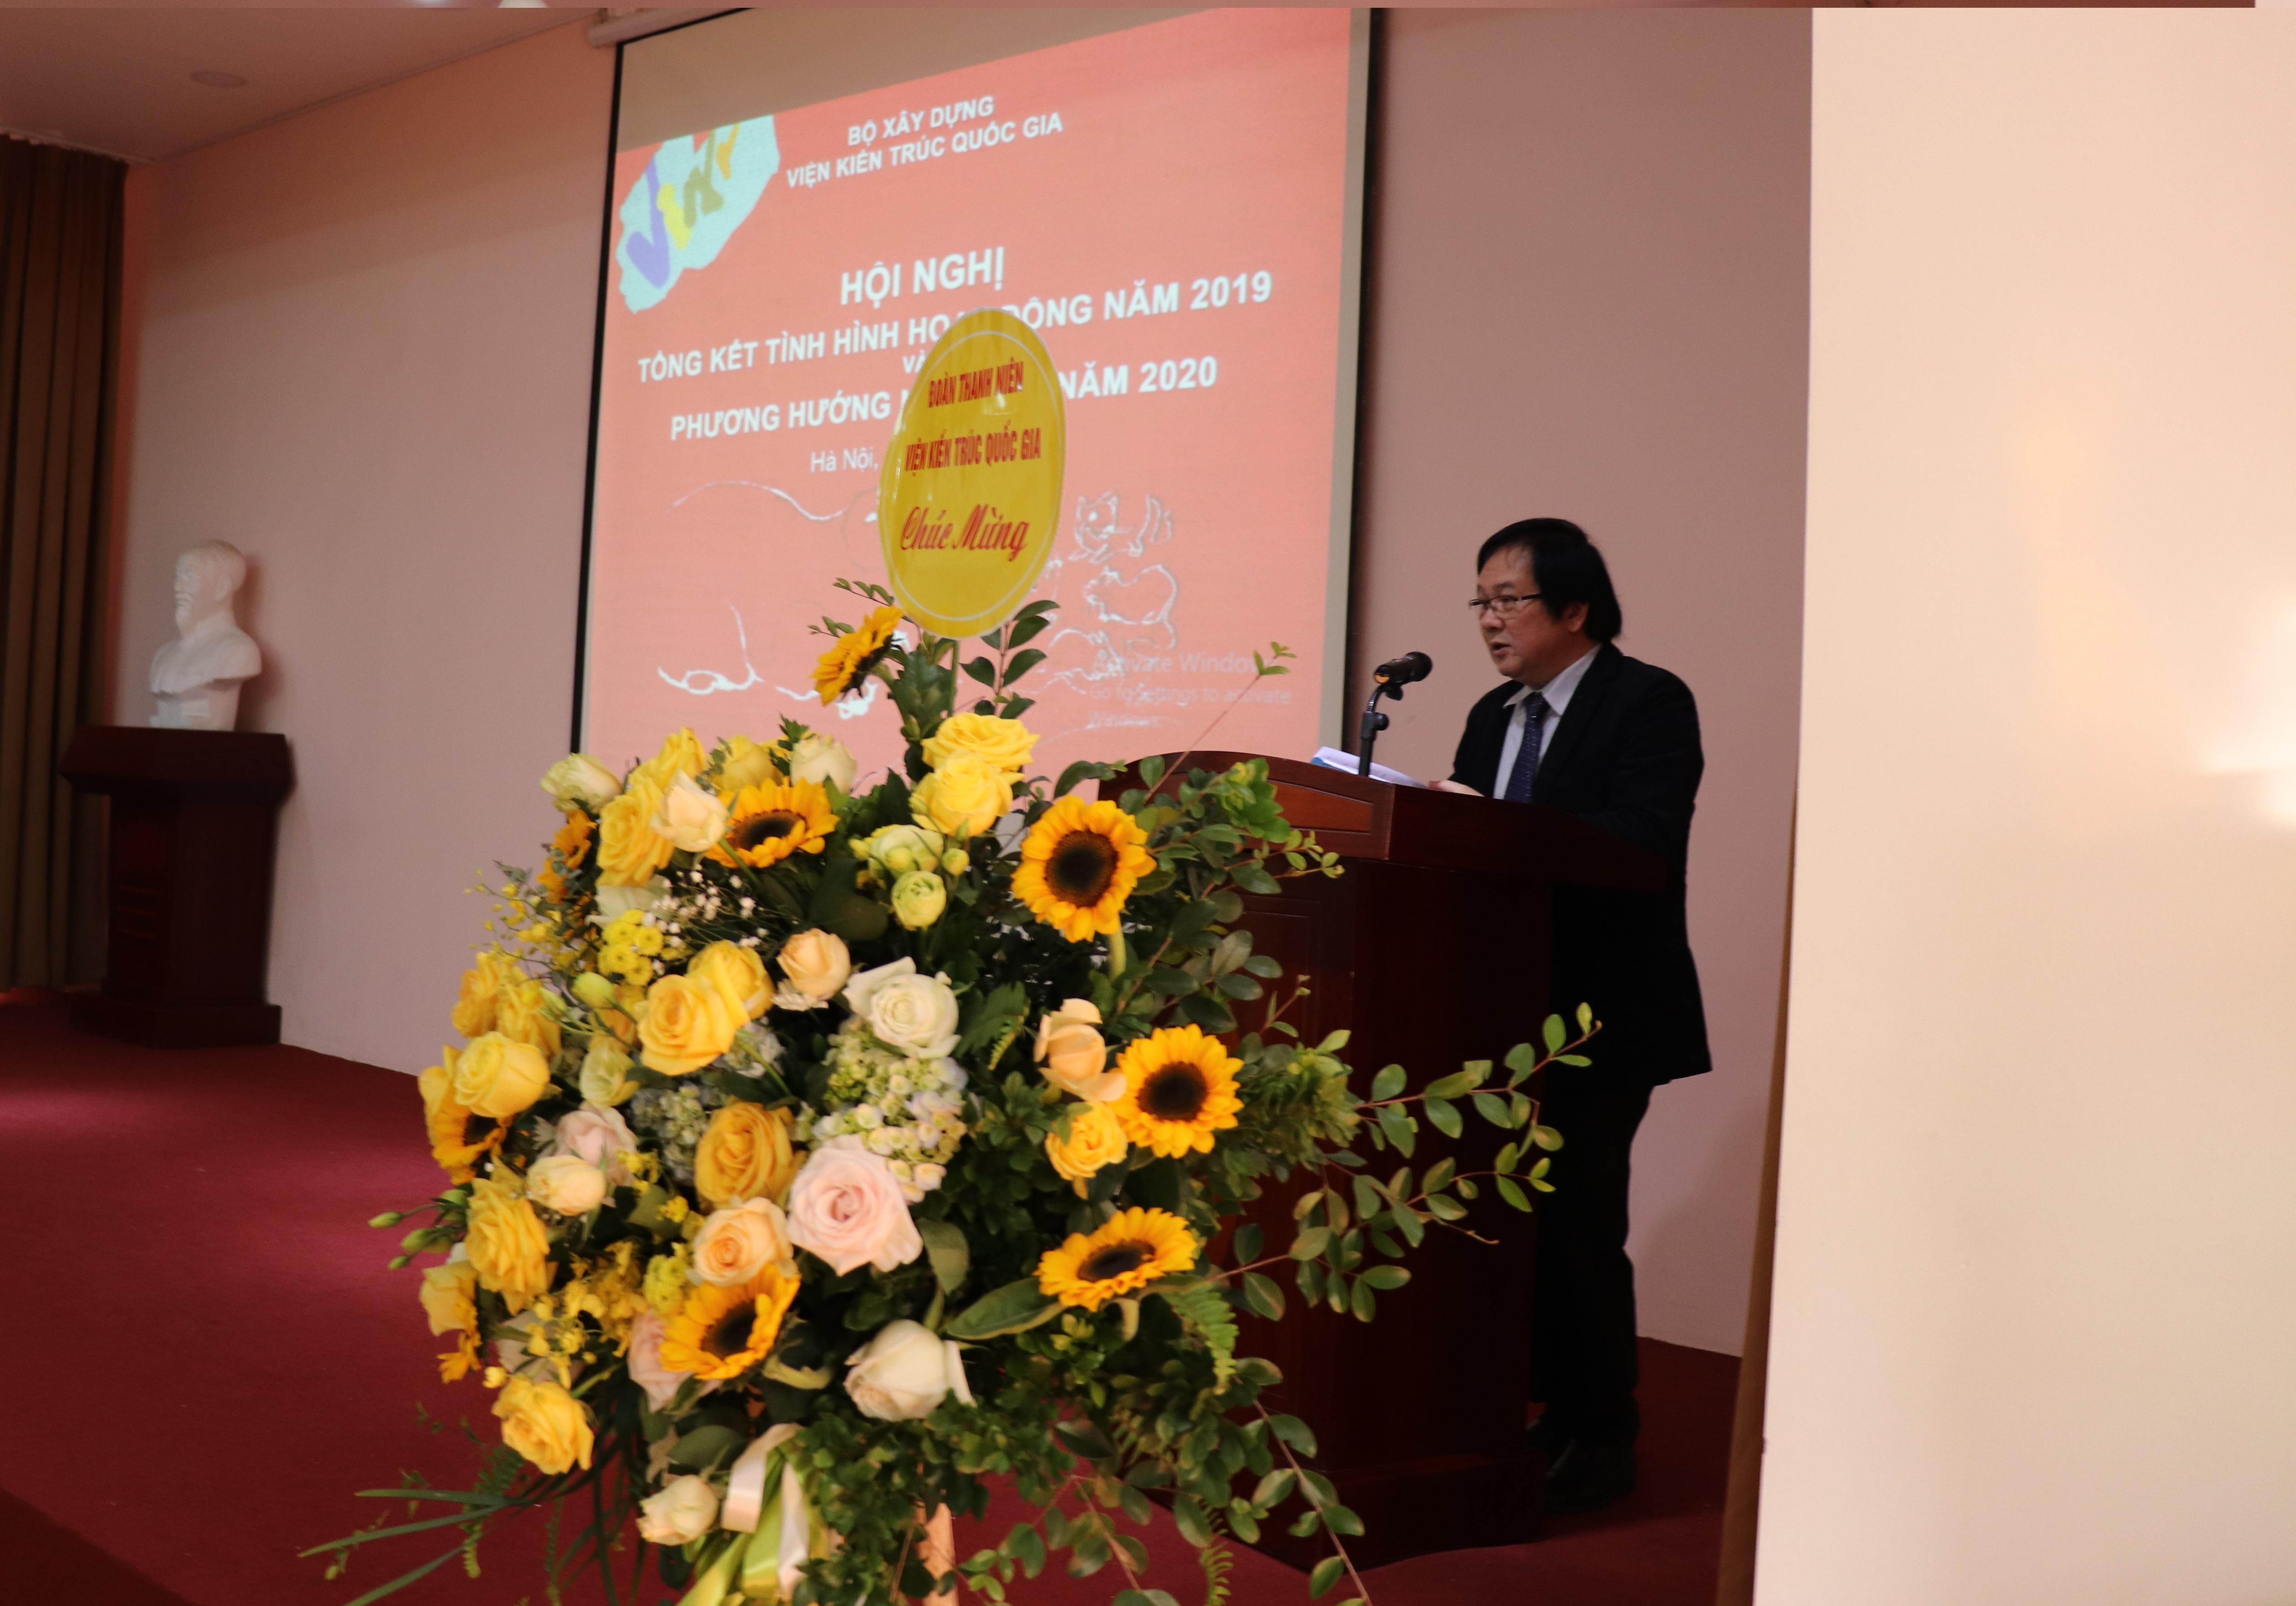 Hội nghị Tổng kết công tác năm 2019 và triển khai kế hoạch 2020 Viện Kiến trúc Quốc gia